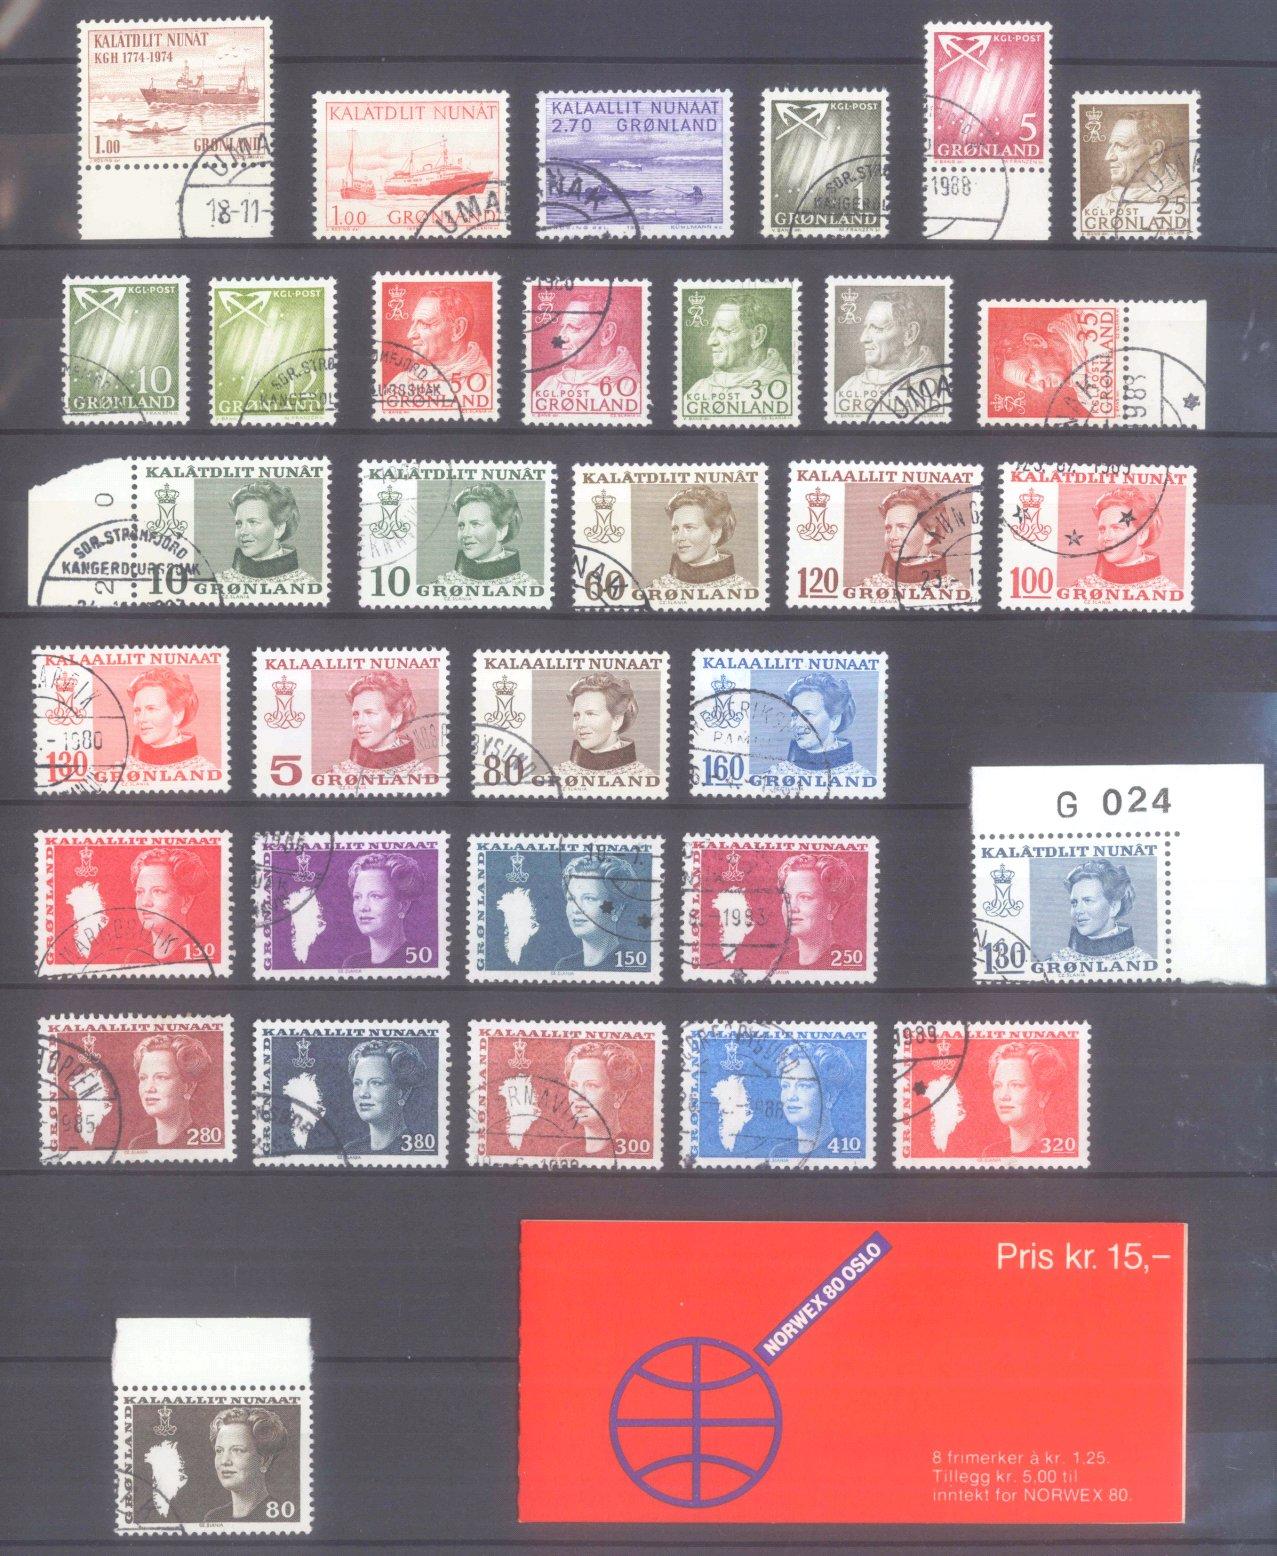 GRÖNLAND 1963-1989